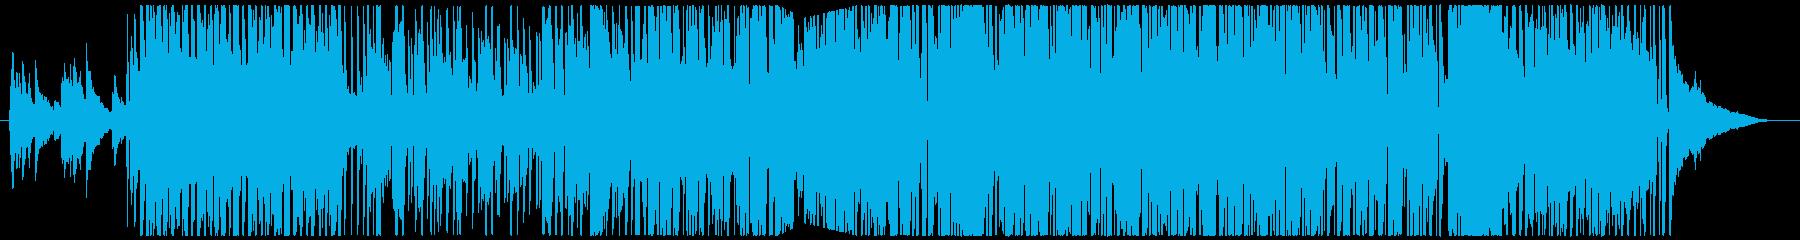 どの世代にも刺さる胸キュン女性ボーカル曲の再生済みの波形